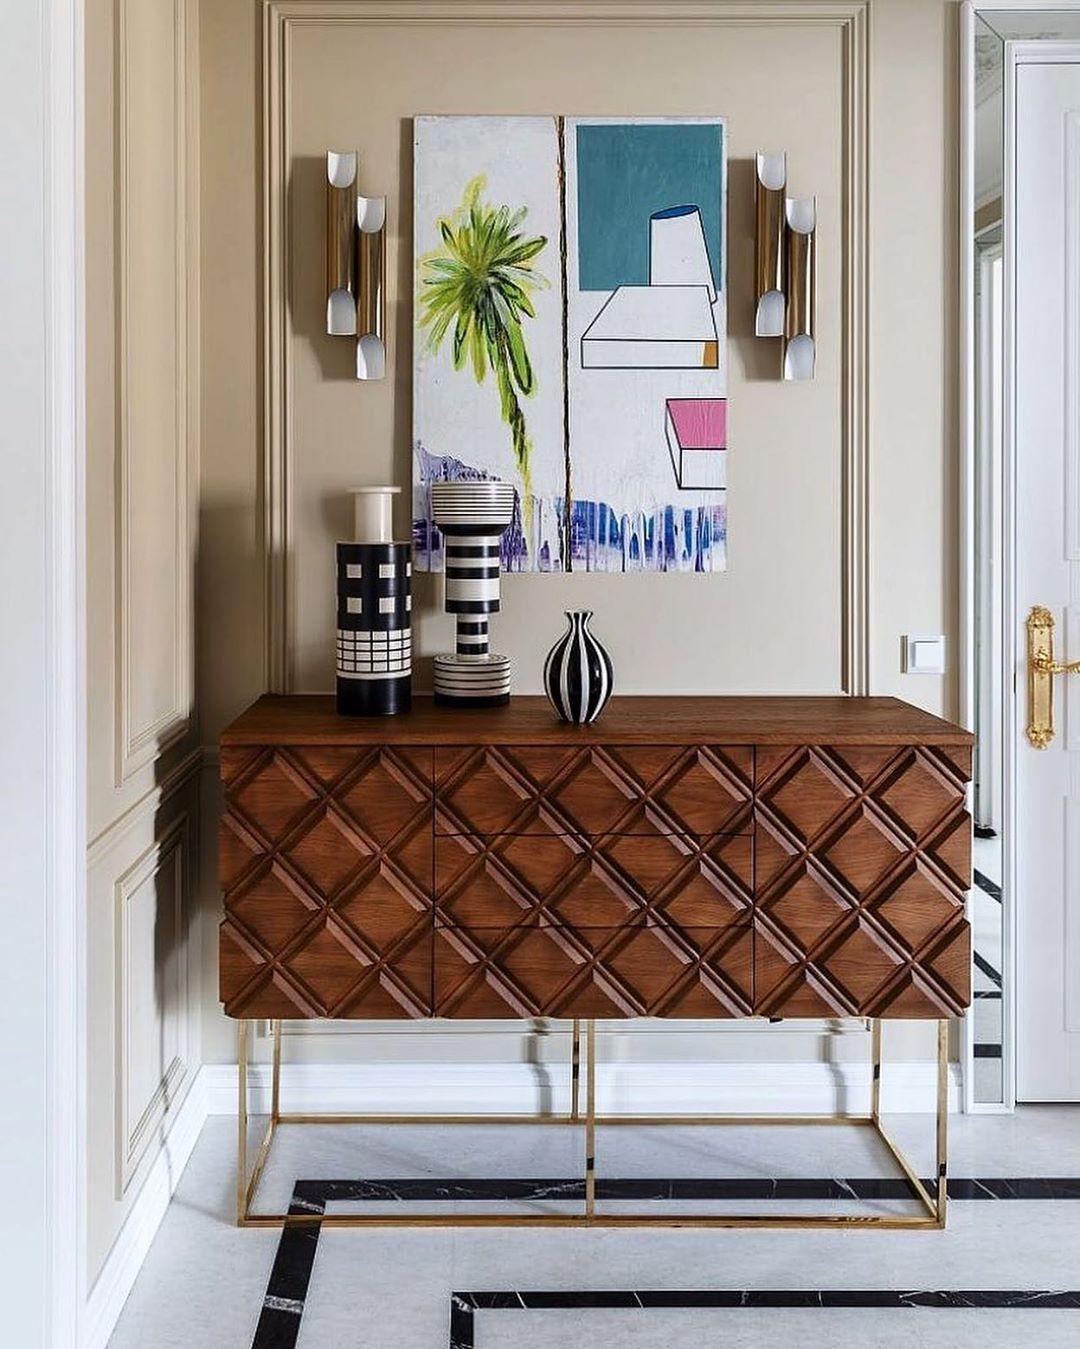 Covet Paris On Instagram Un Appartement Style Francais Avec Galliano De Delightfu En 2020 Architecte Interieur Idees De Design D Interieur Peinture Interieur Maison